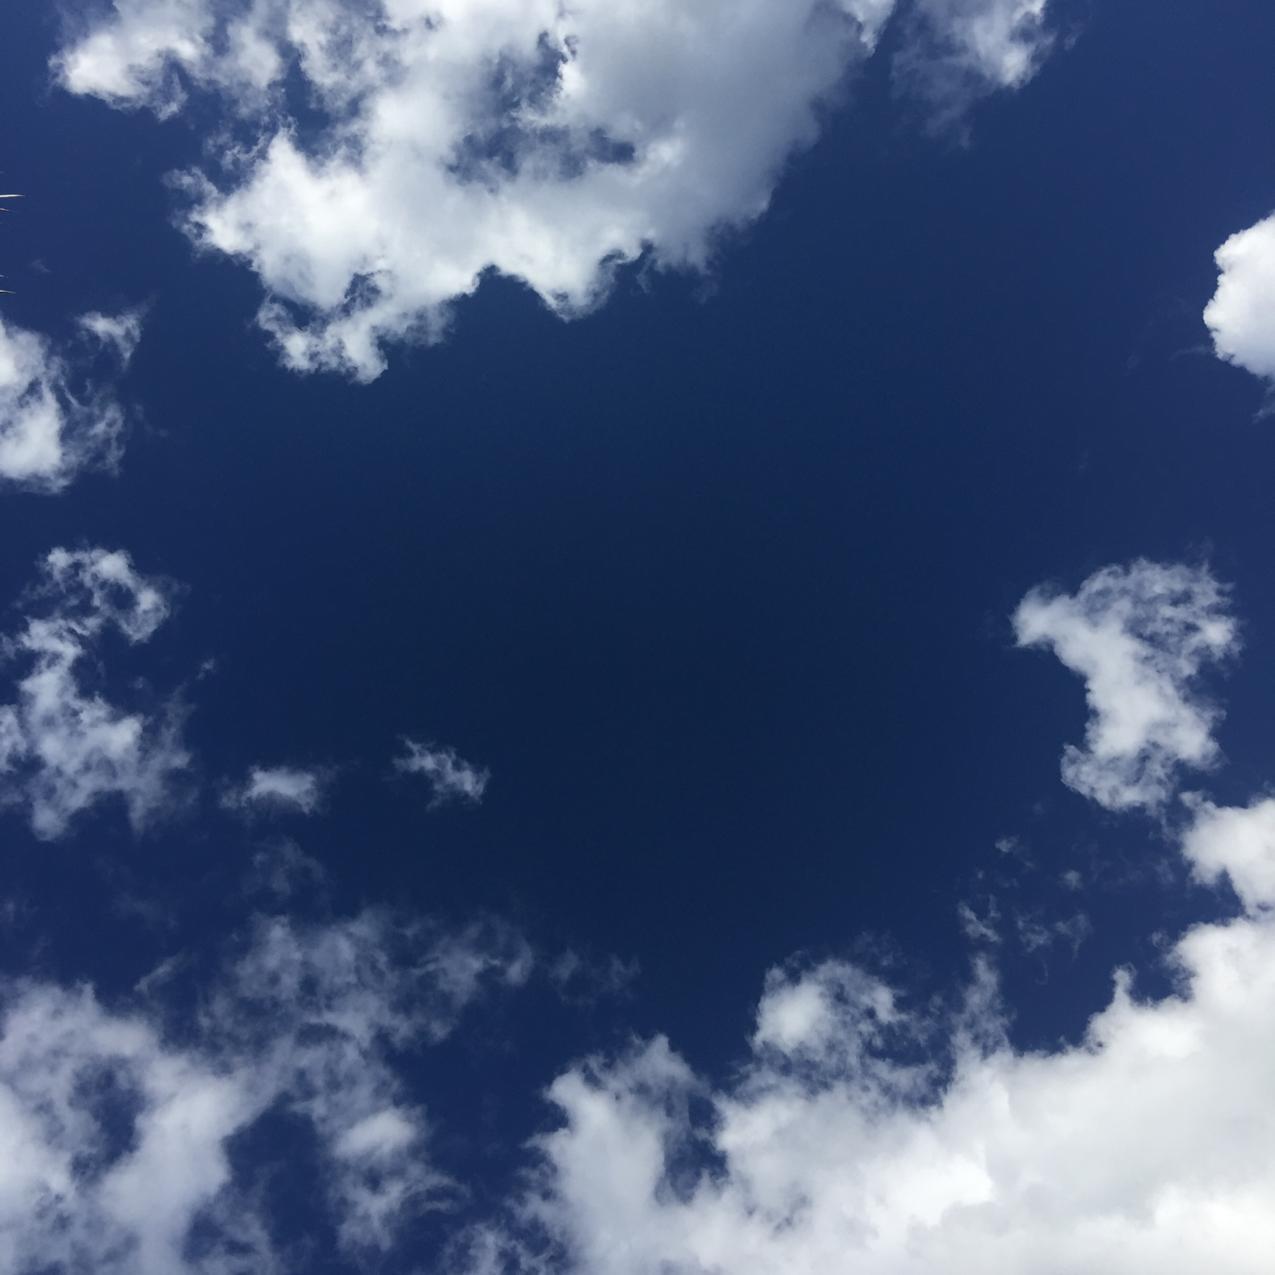 阳光,天空,云朵,云朵的cc0可商用图片